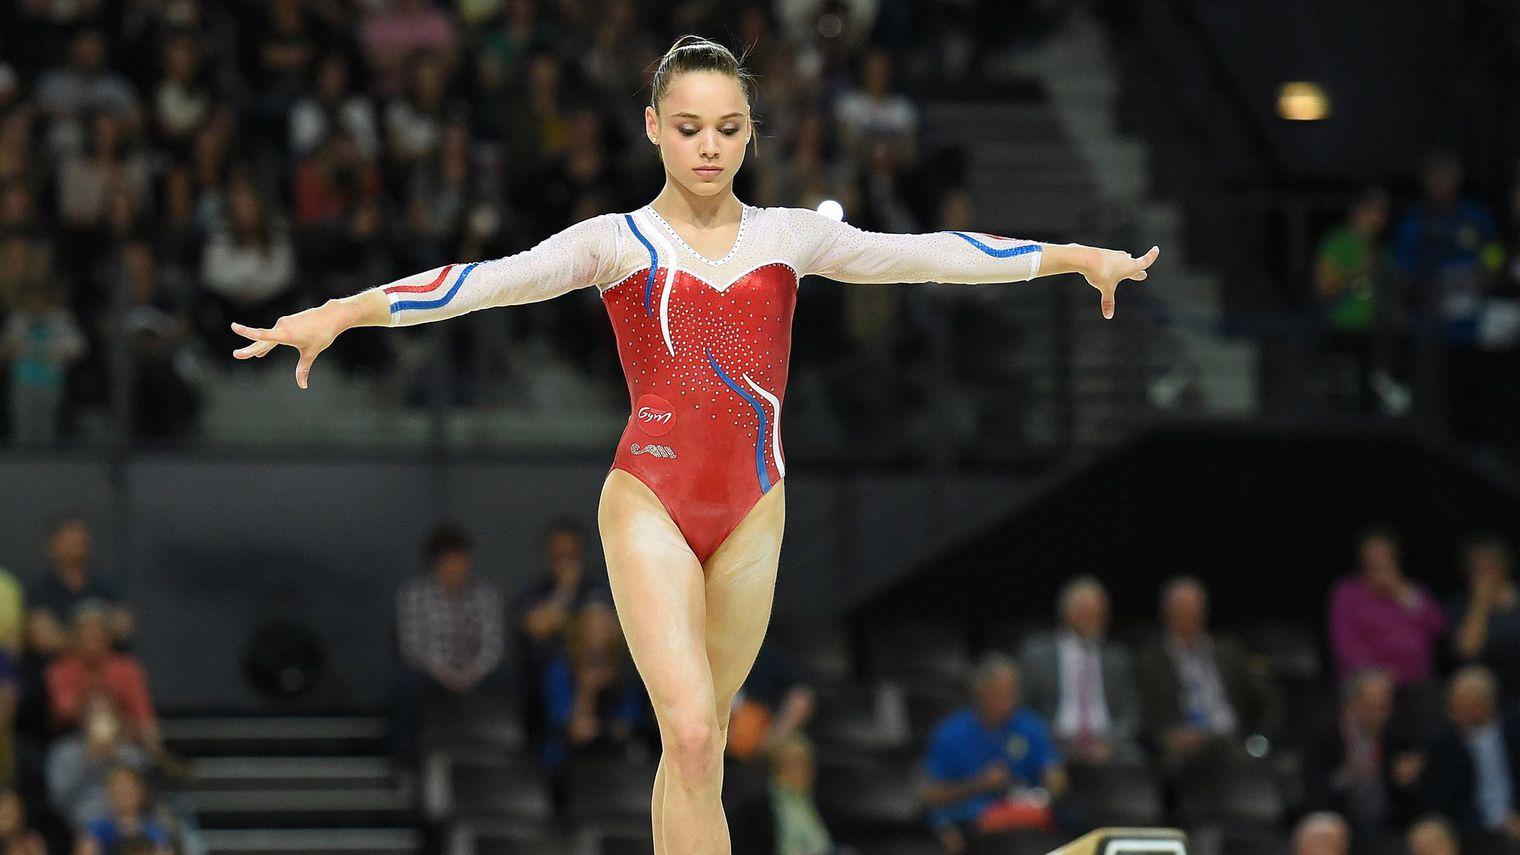 la-francaise-claire-martin-execute-un-mouvement-a-la-poutre-lors-de-l-euro-2015-de-gymnastique-artistique-le-17-avril-2015-a-montpellier_5324043